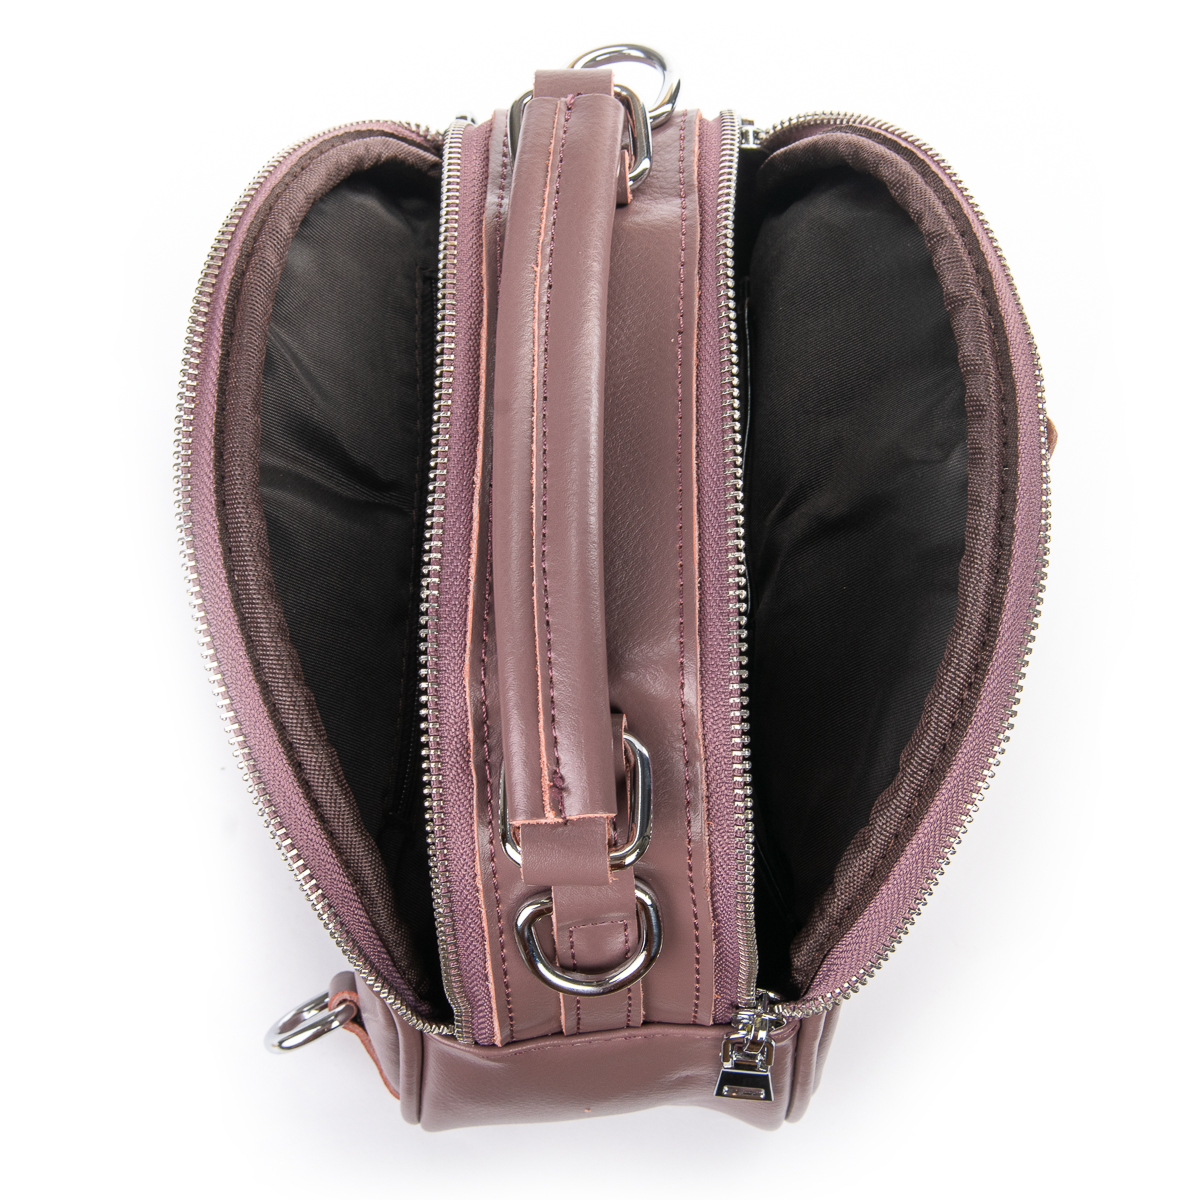 Сумка Женская Клатч кожа ALEX RAI 06-1 339 purple - фото 5